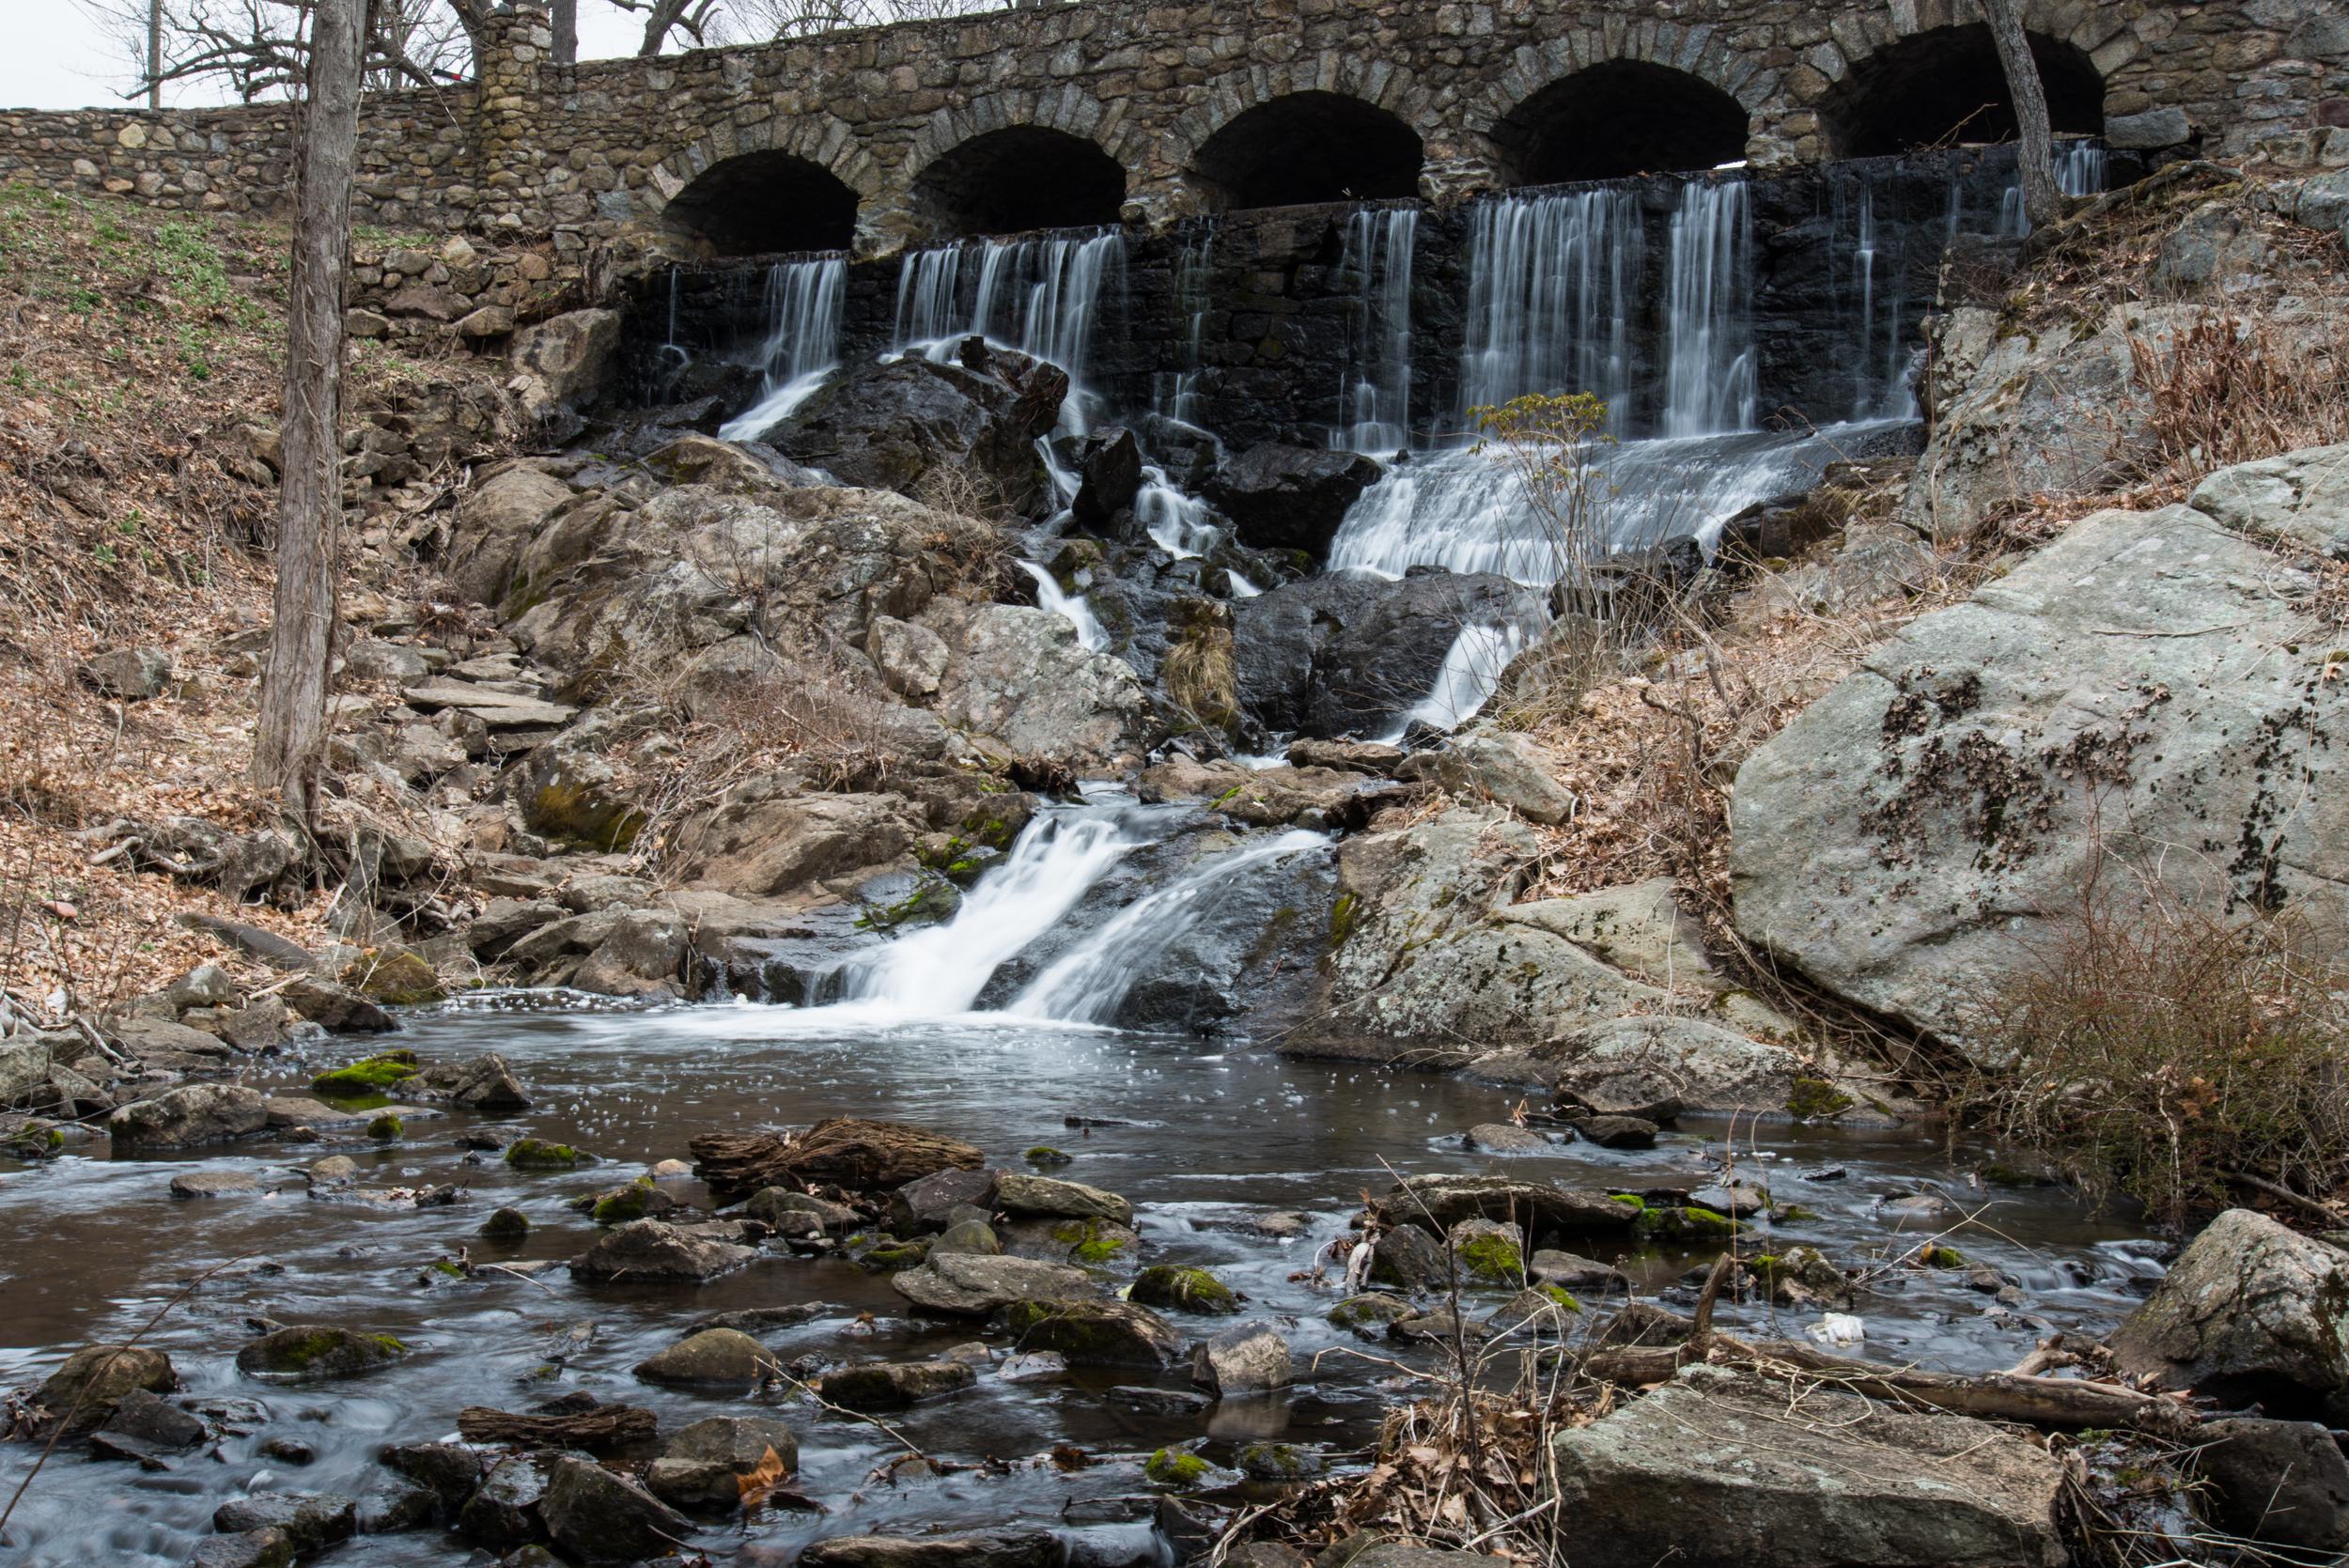 Case Mountain Falls